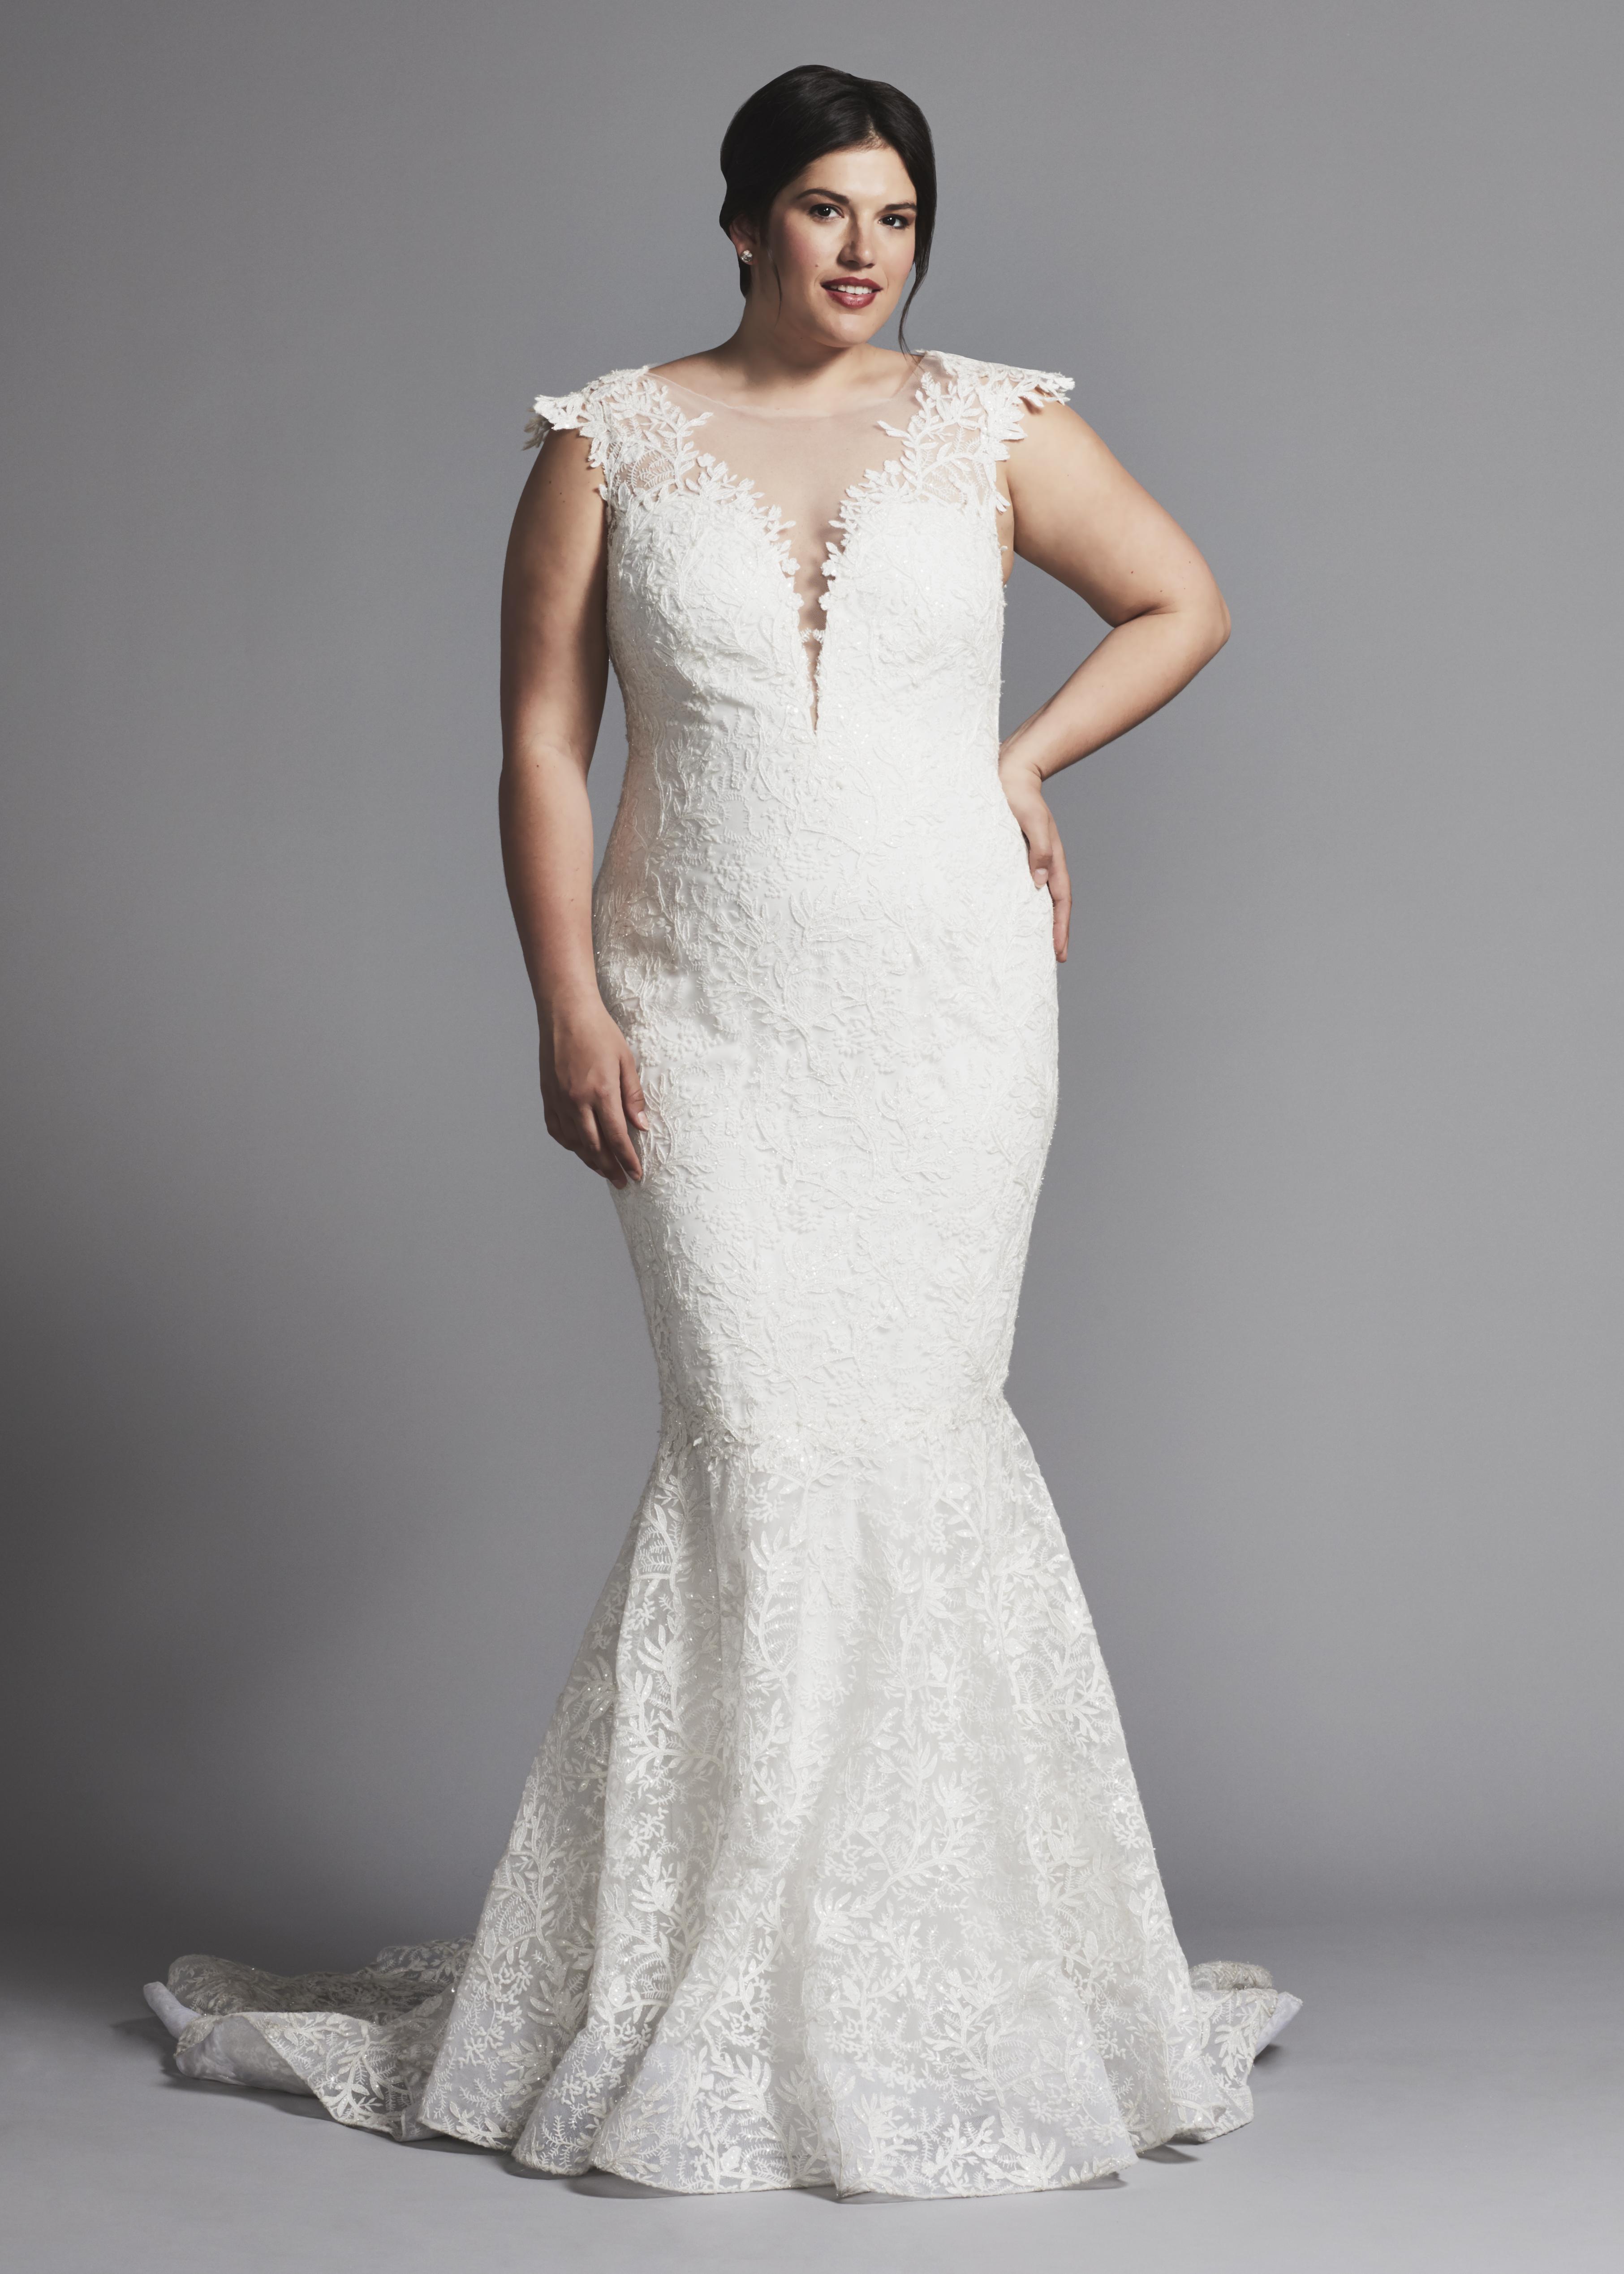 0ef5426a2f1 Cap Sleeve Lace Mermaid Wedding Dress